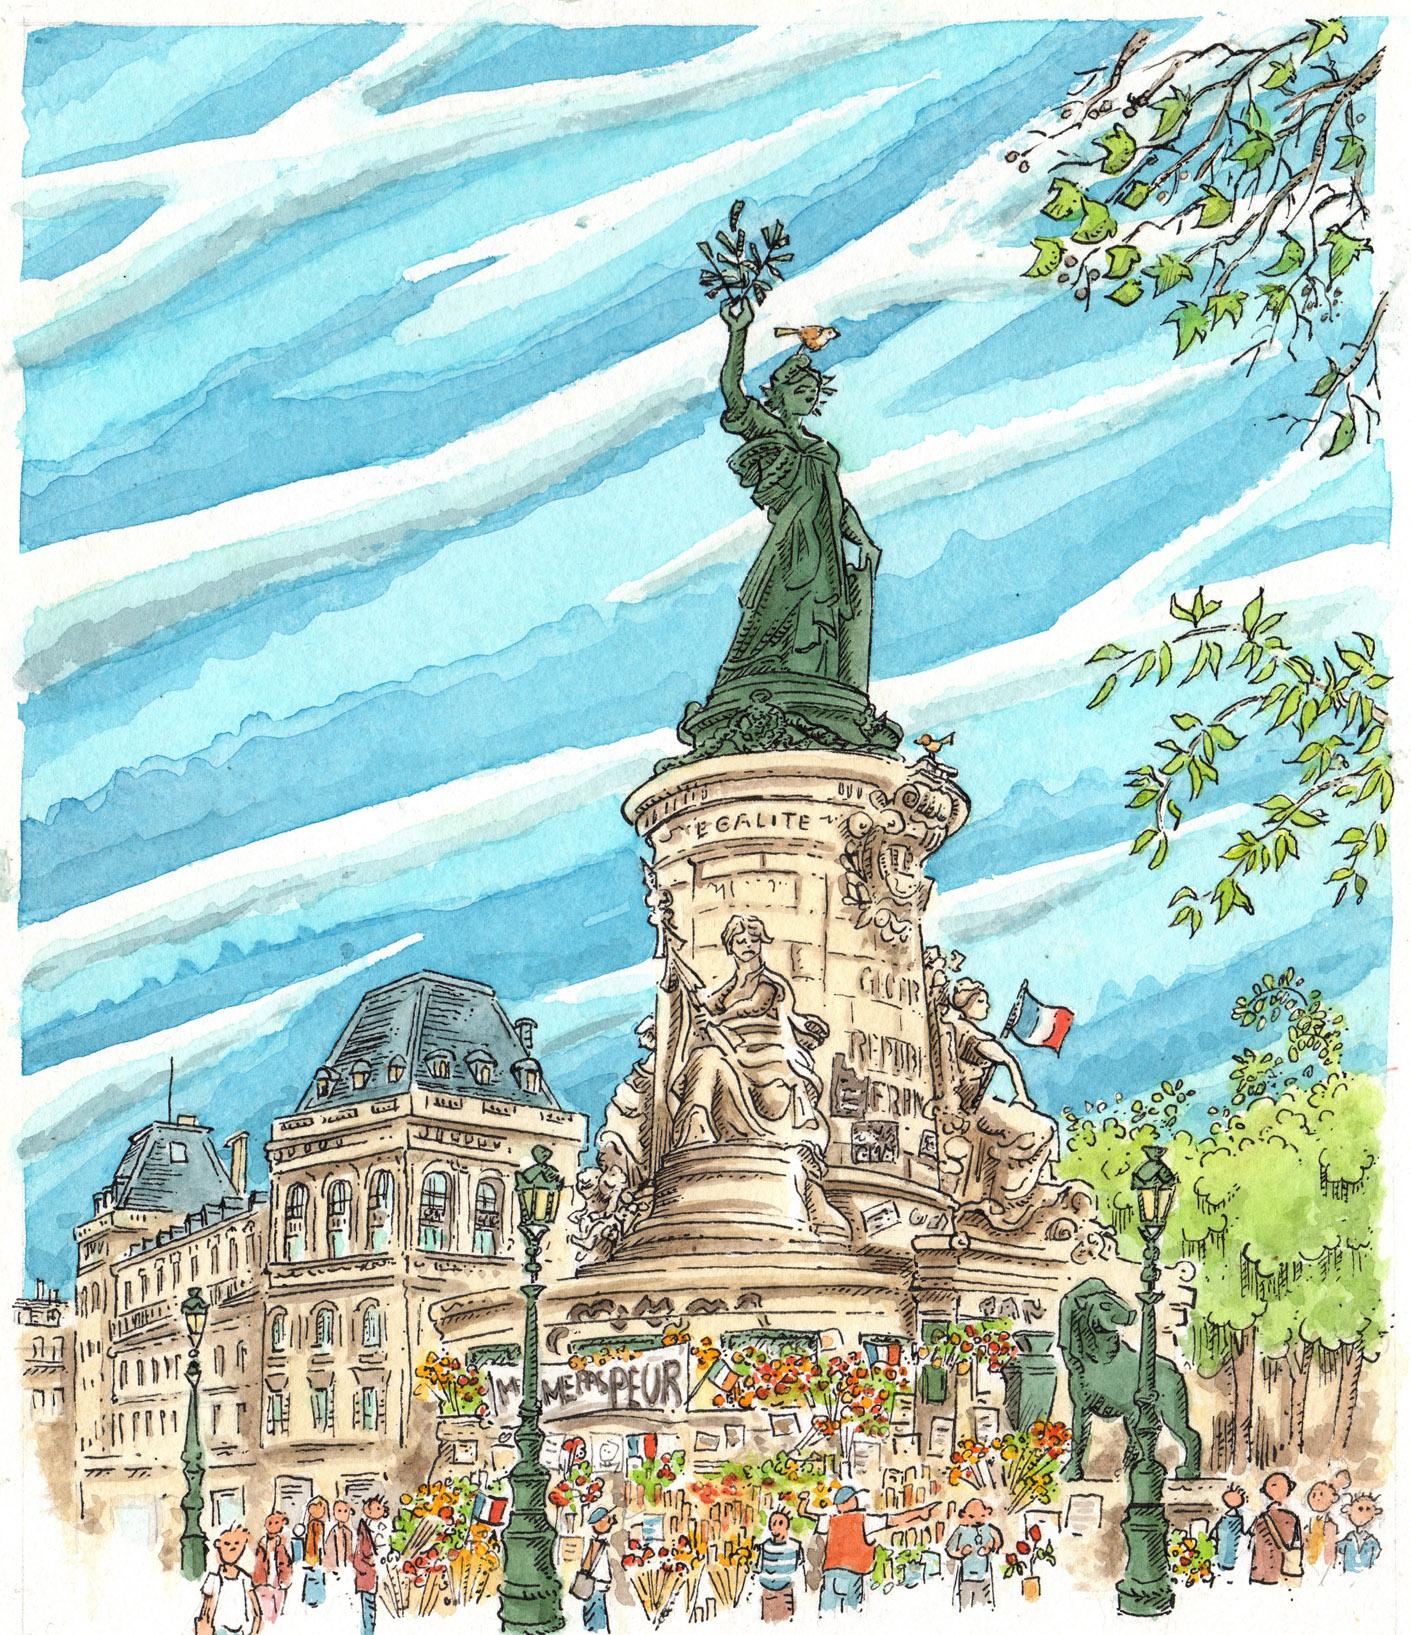 Le mausolée de la place de la république dessiné par Christophe Lassalle